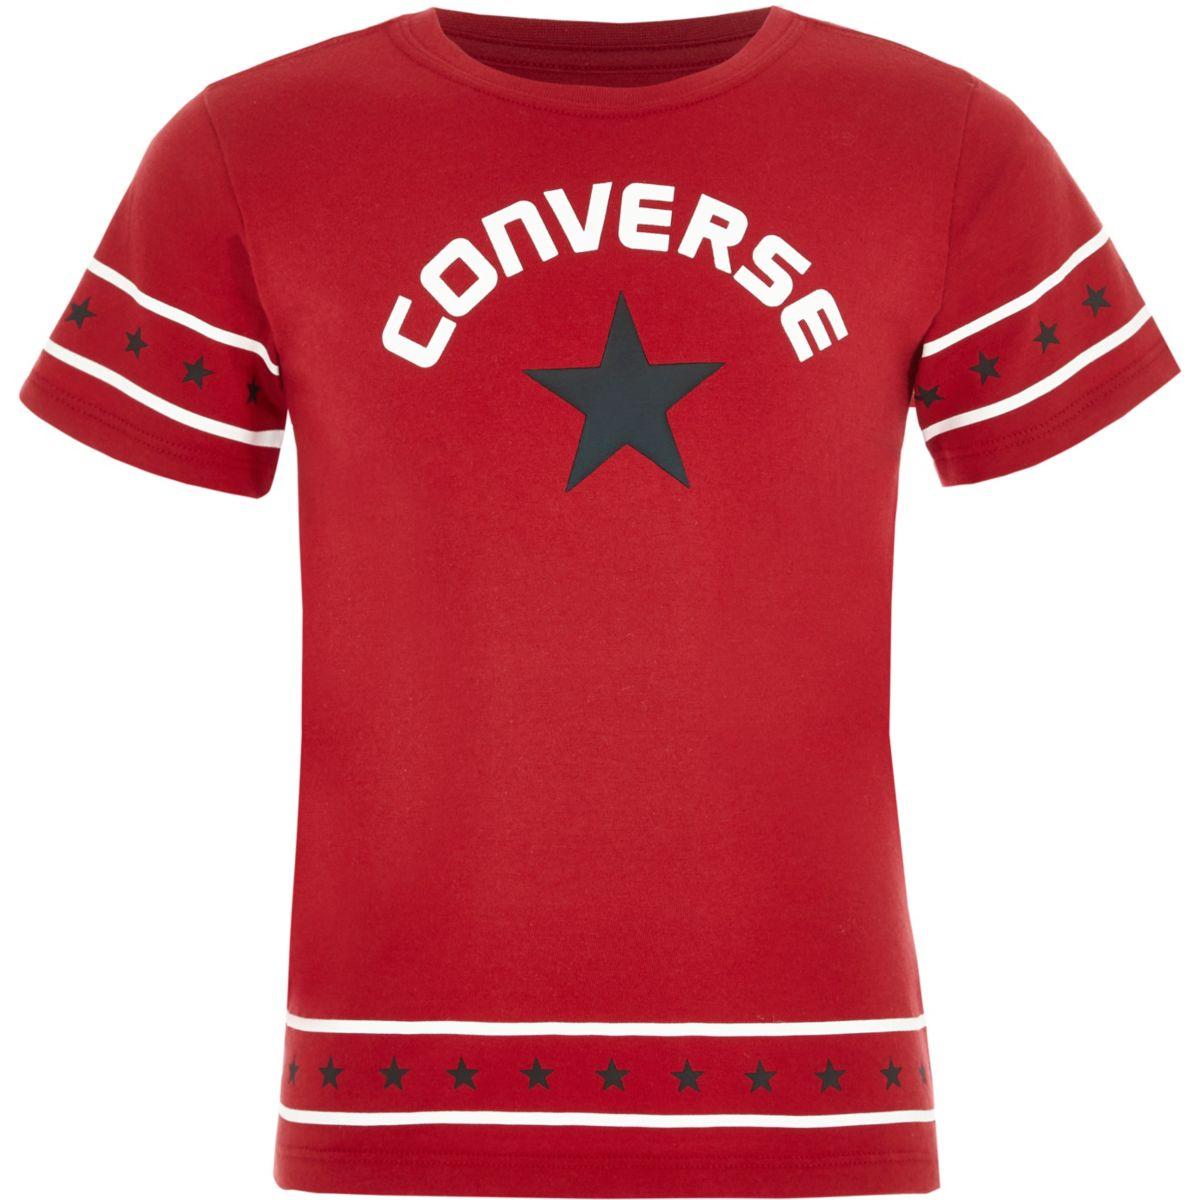 Converse – T-shirt rouge bordé d'étoiles pour fille